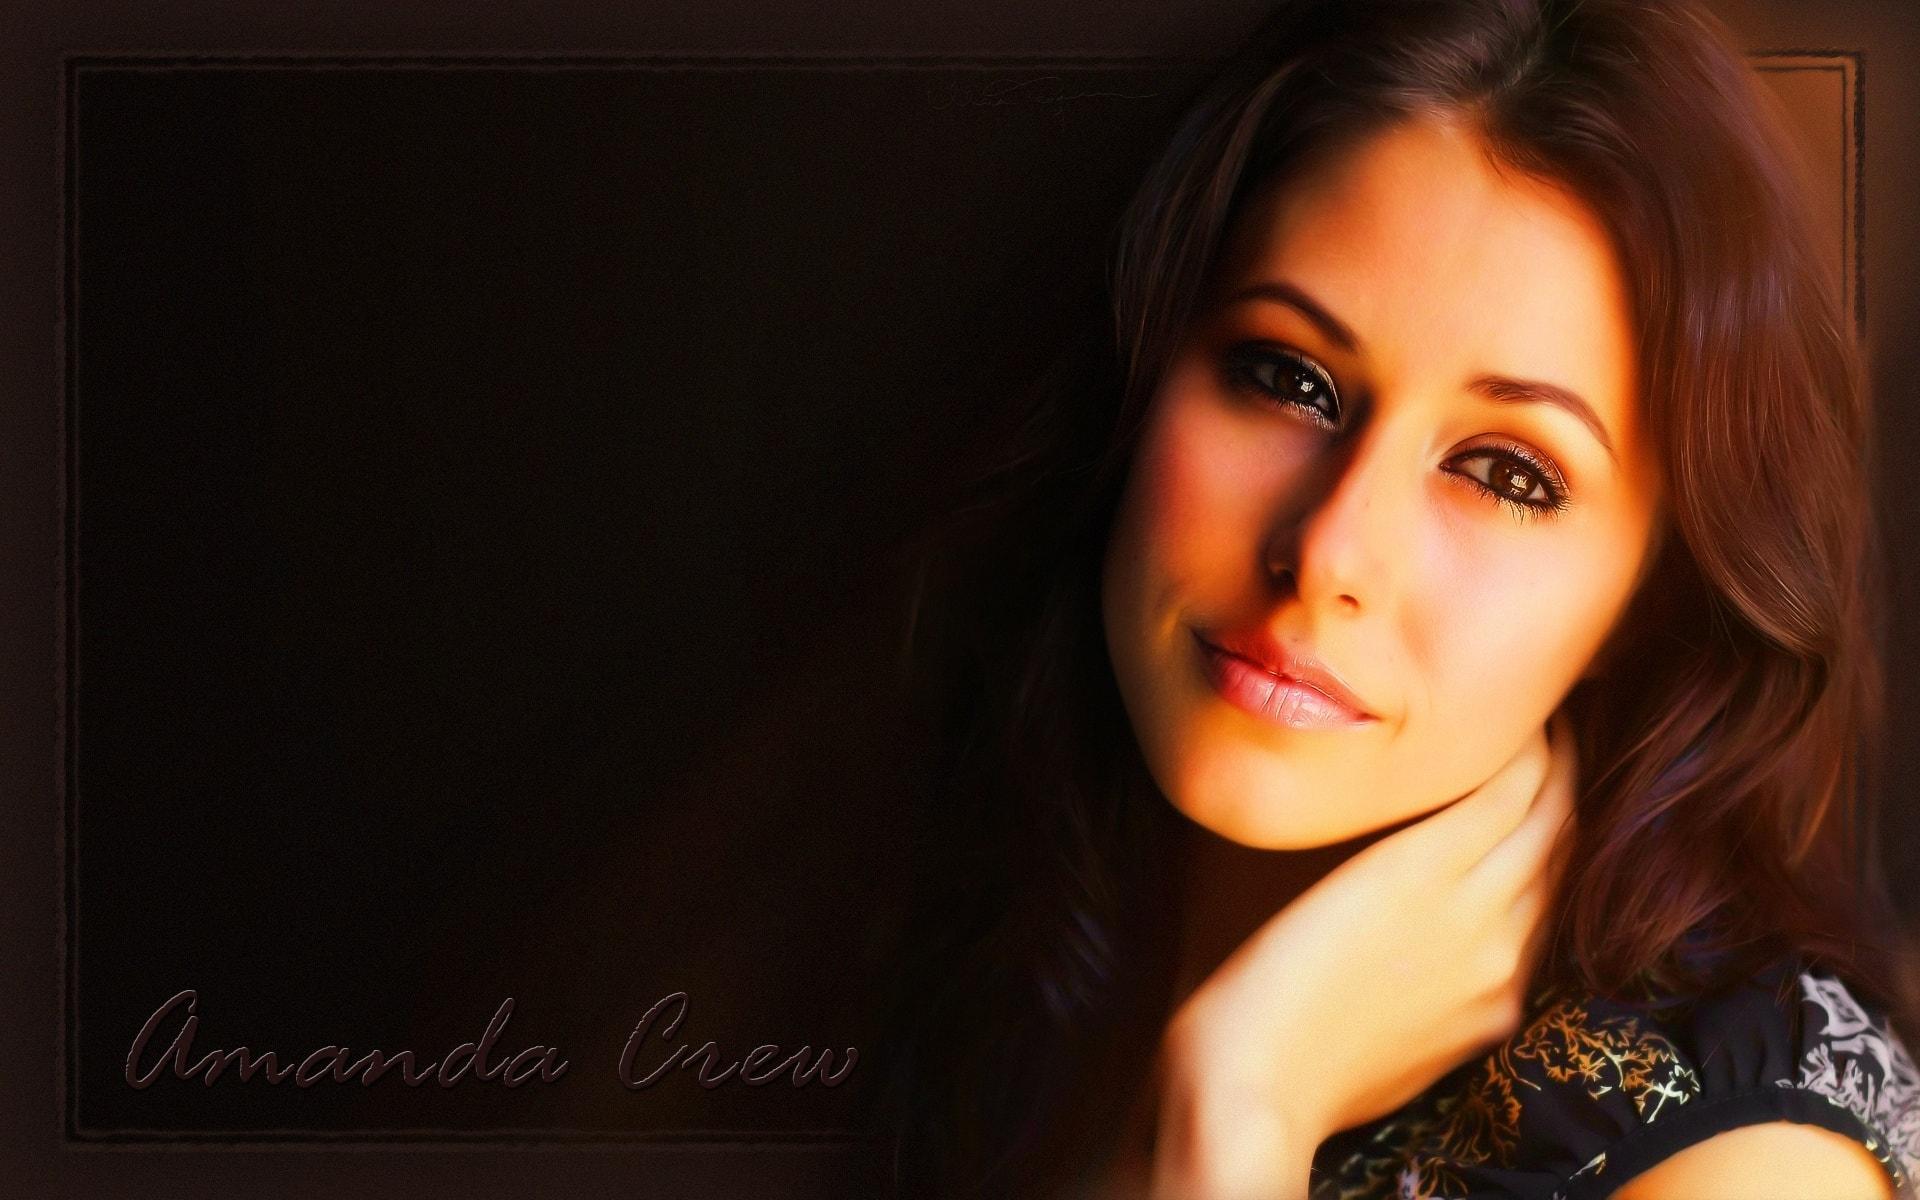 Amanda Crew HD pics